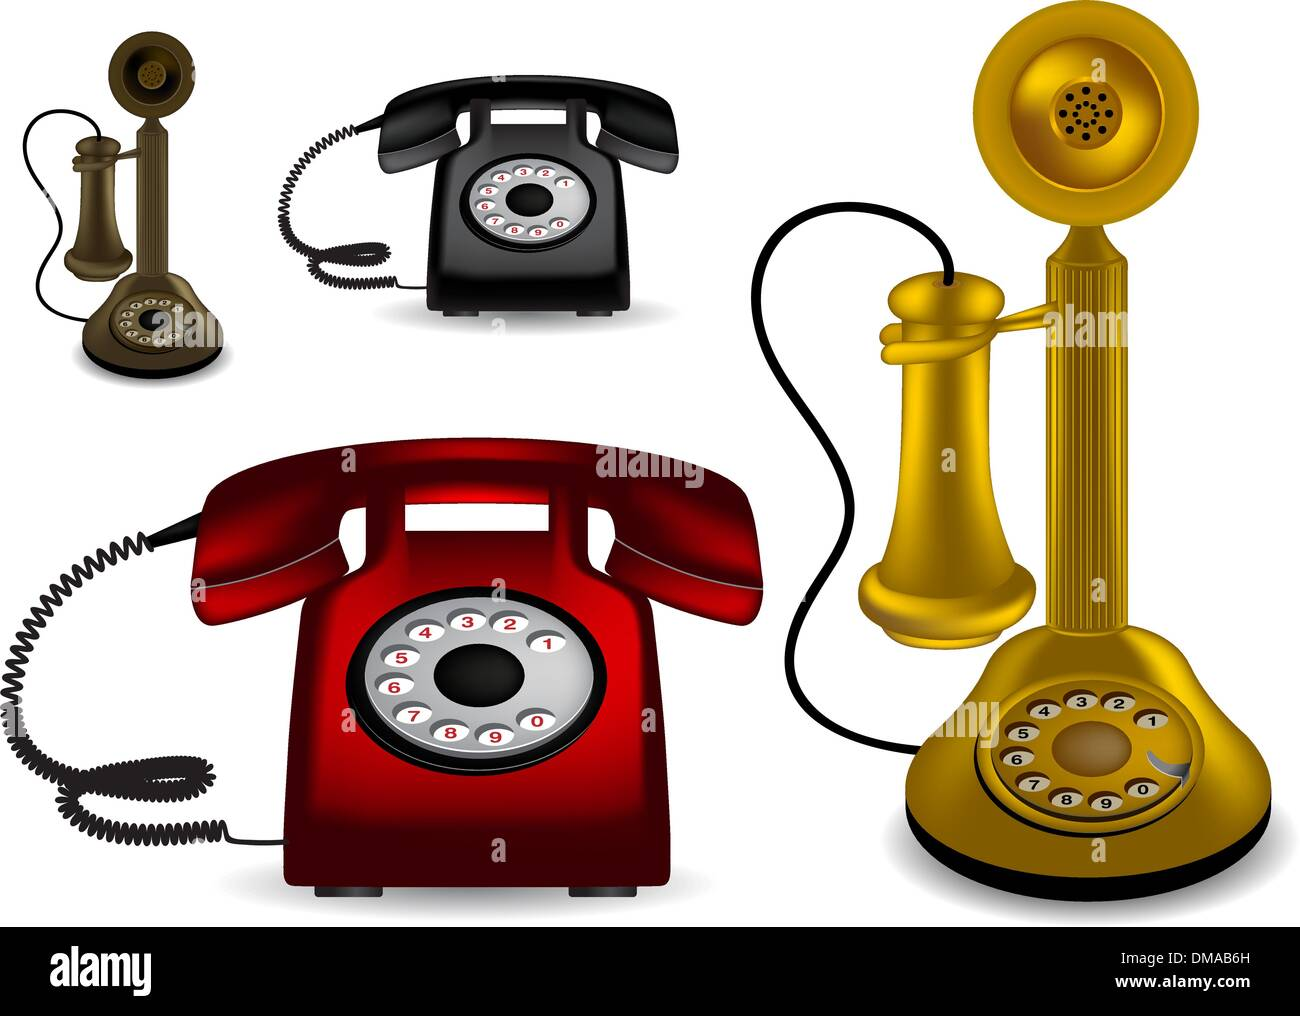 Teléfono retro - ilustración vectorial Imagen De Stock